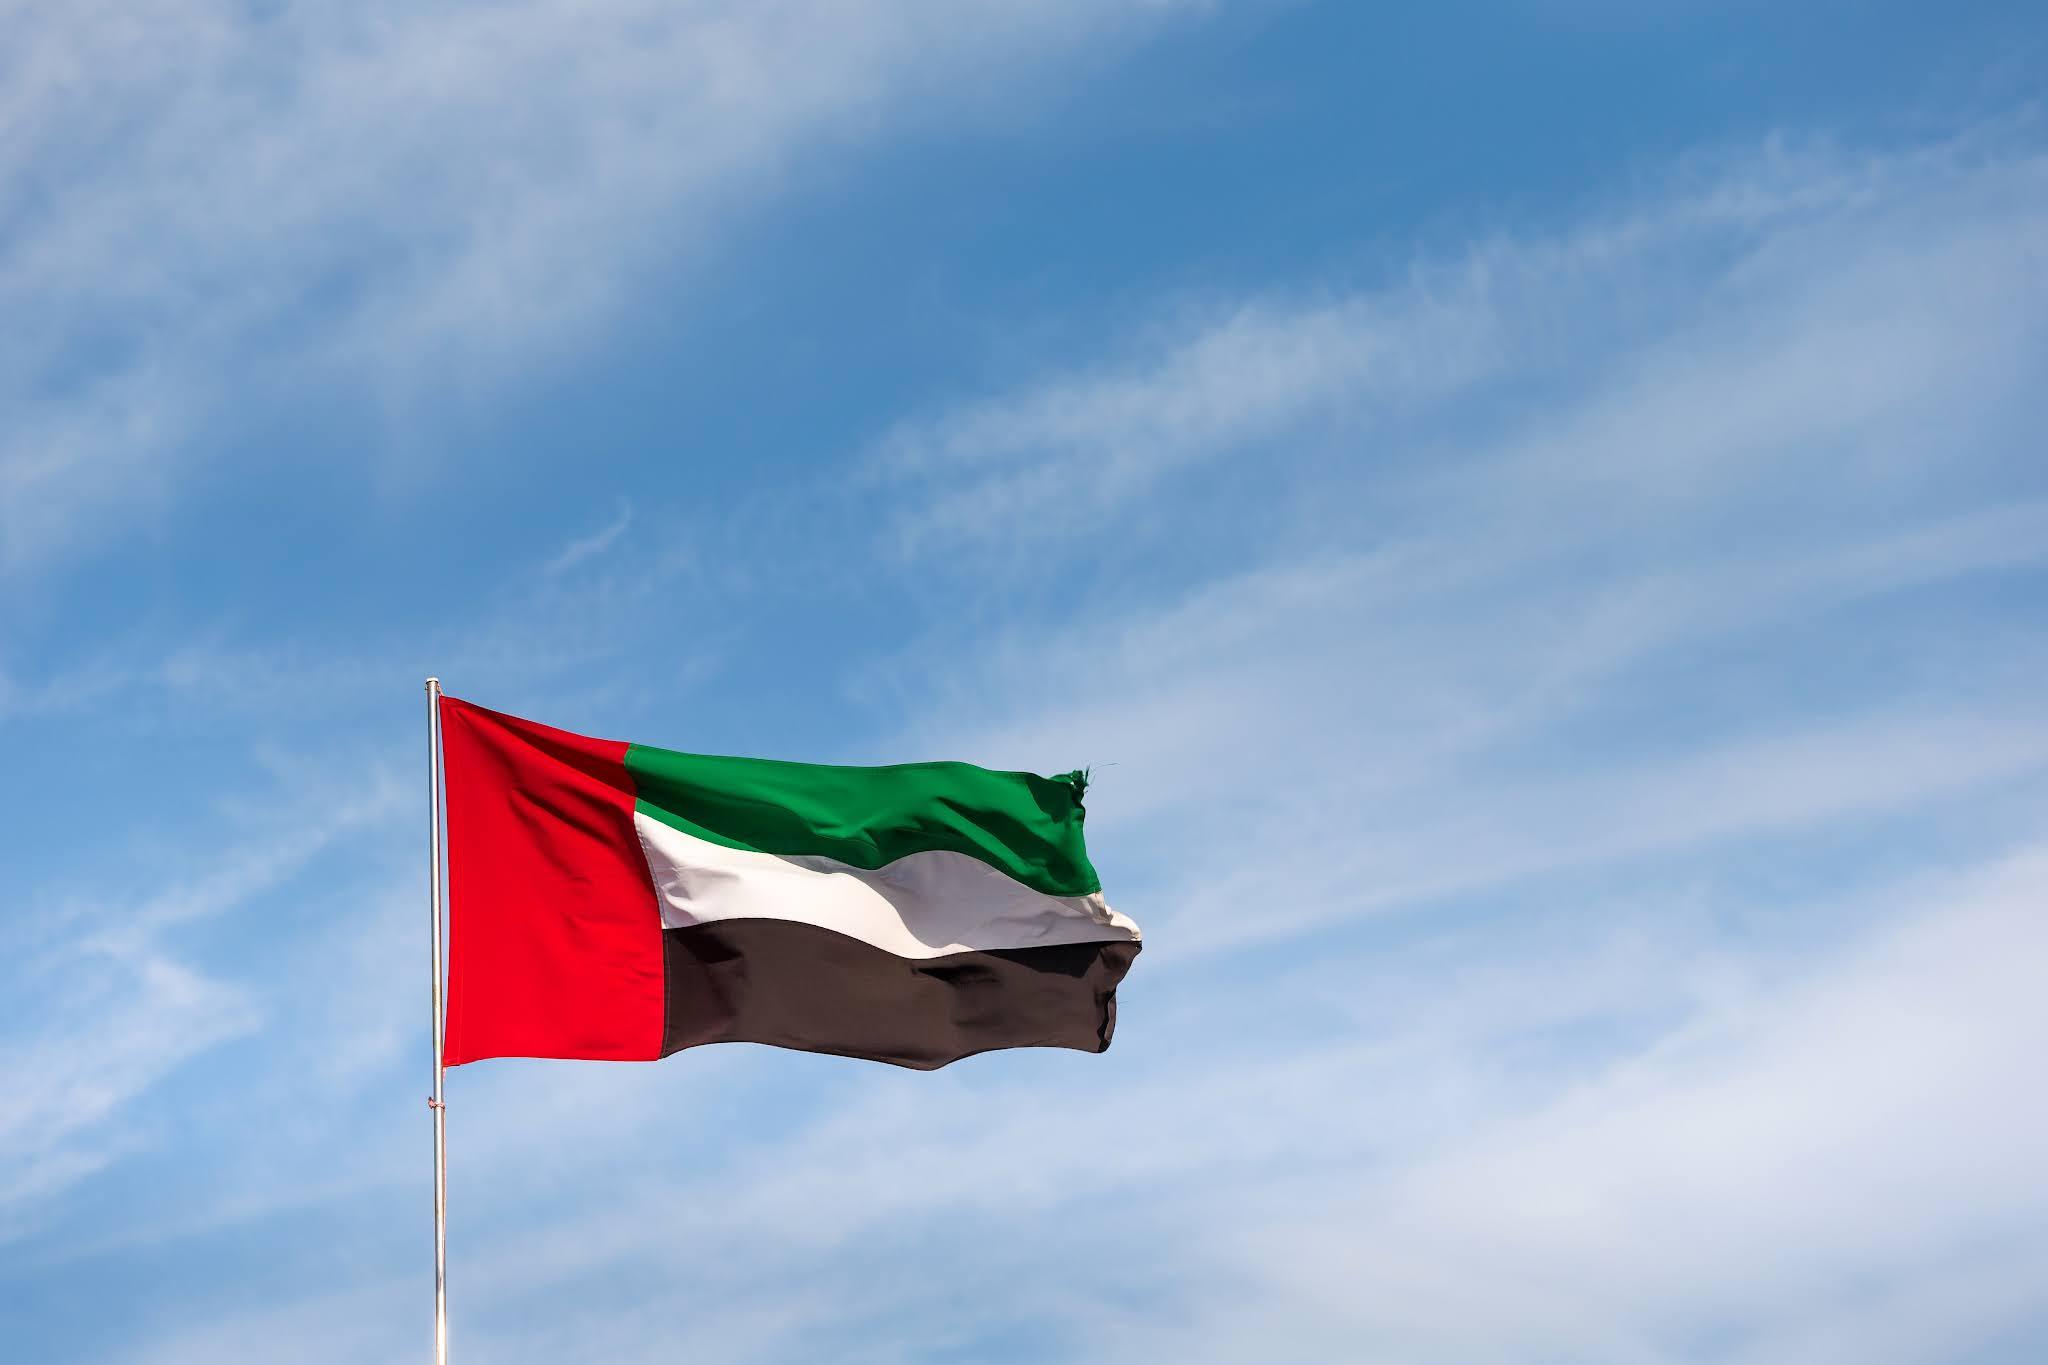 شراكة استراتيجية وتعزيز للعلاقات الاقتصادية بين الإمارات UAE والهند